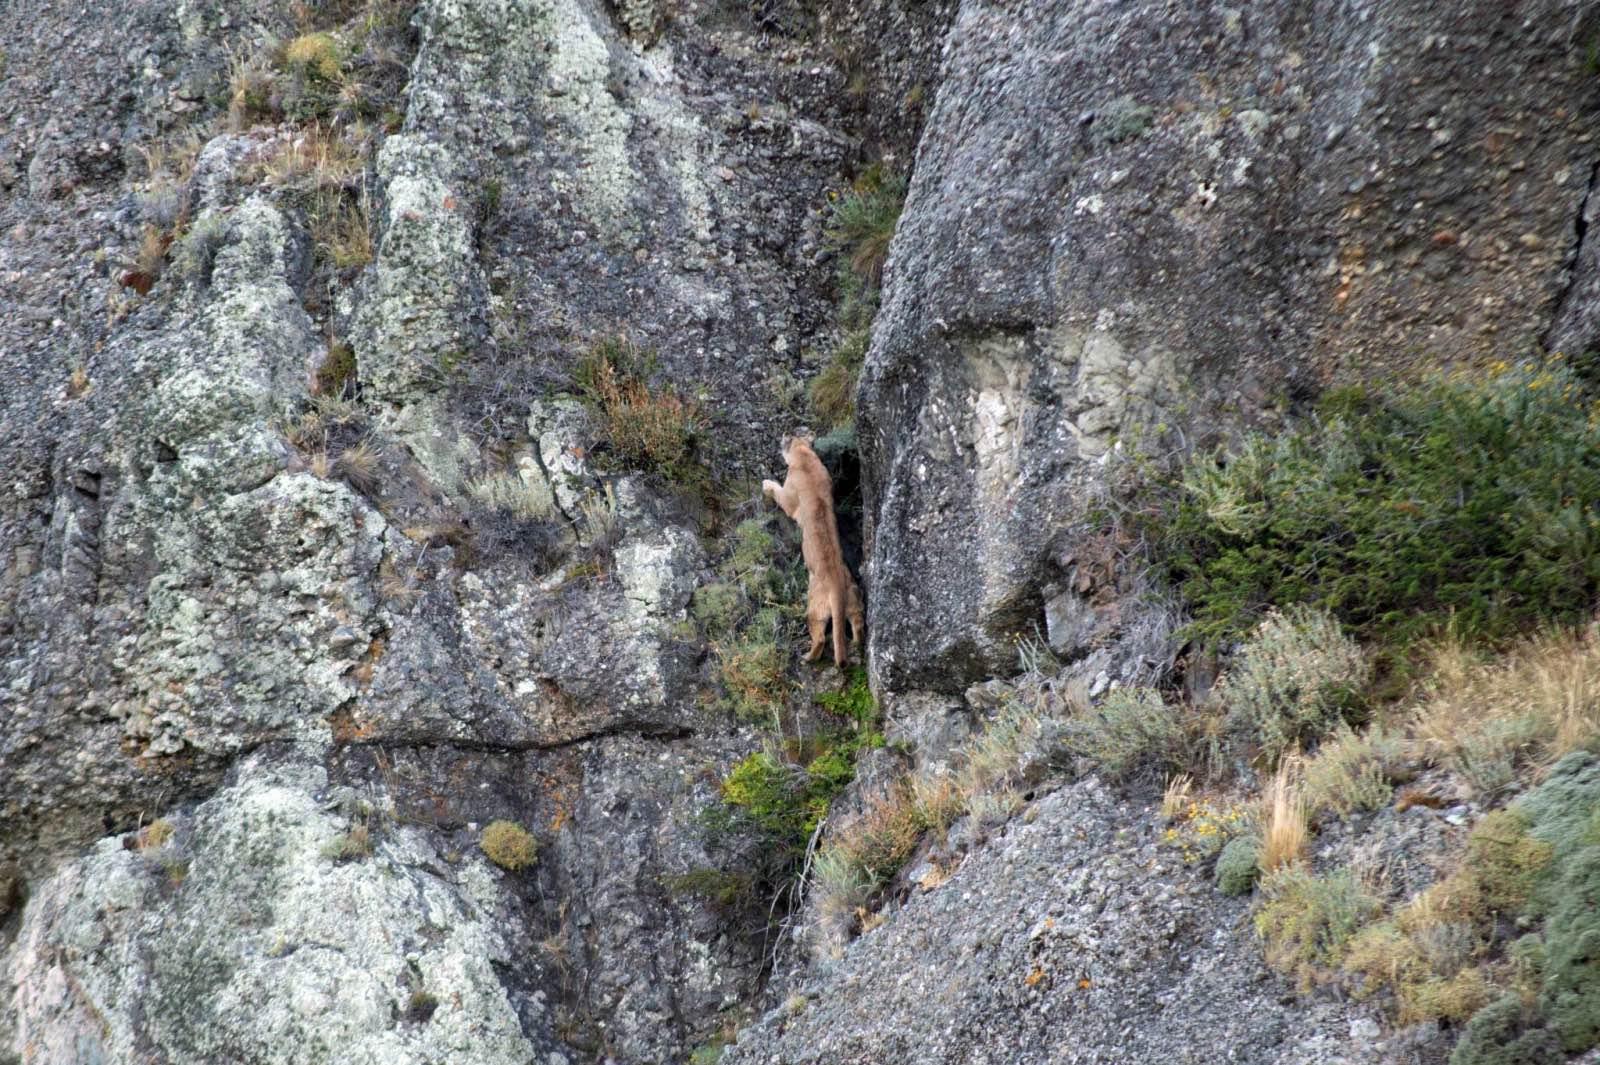 Puma on the move, Laguna Amarga, Torres del Paine